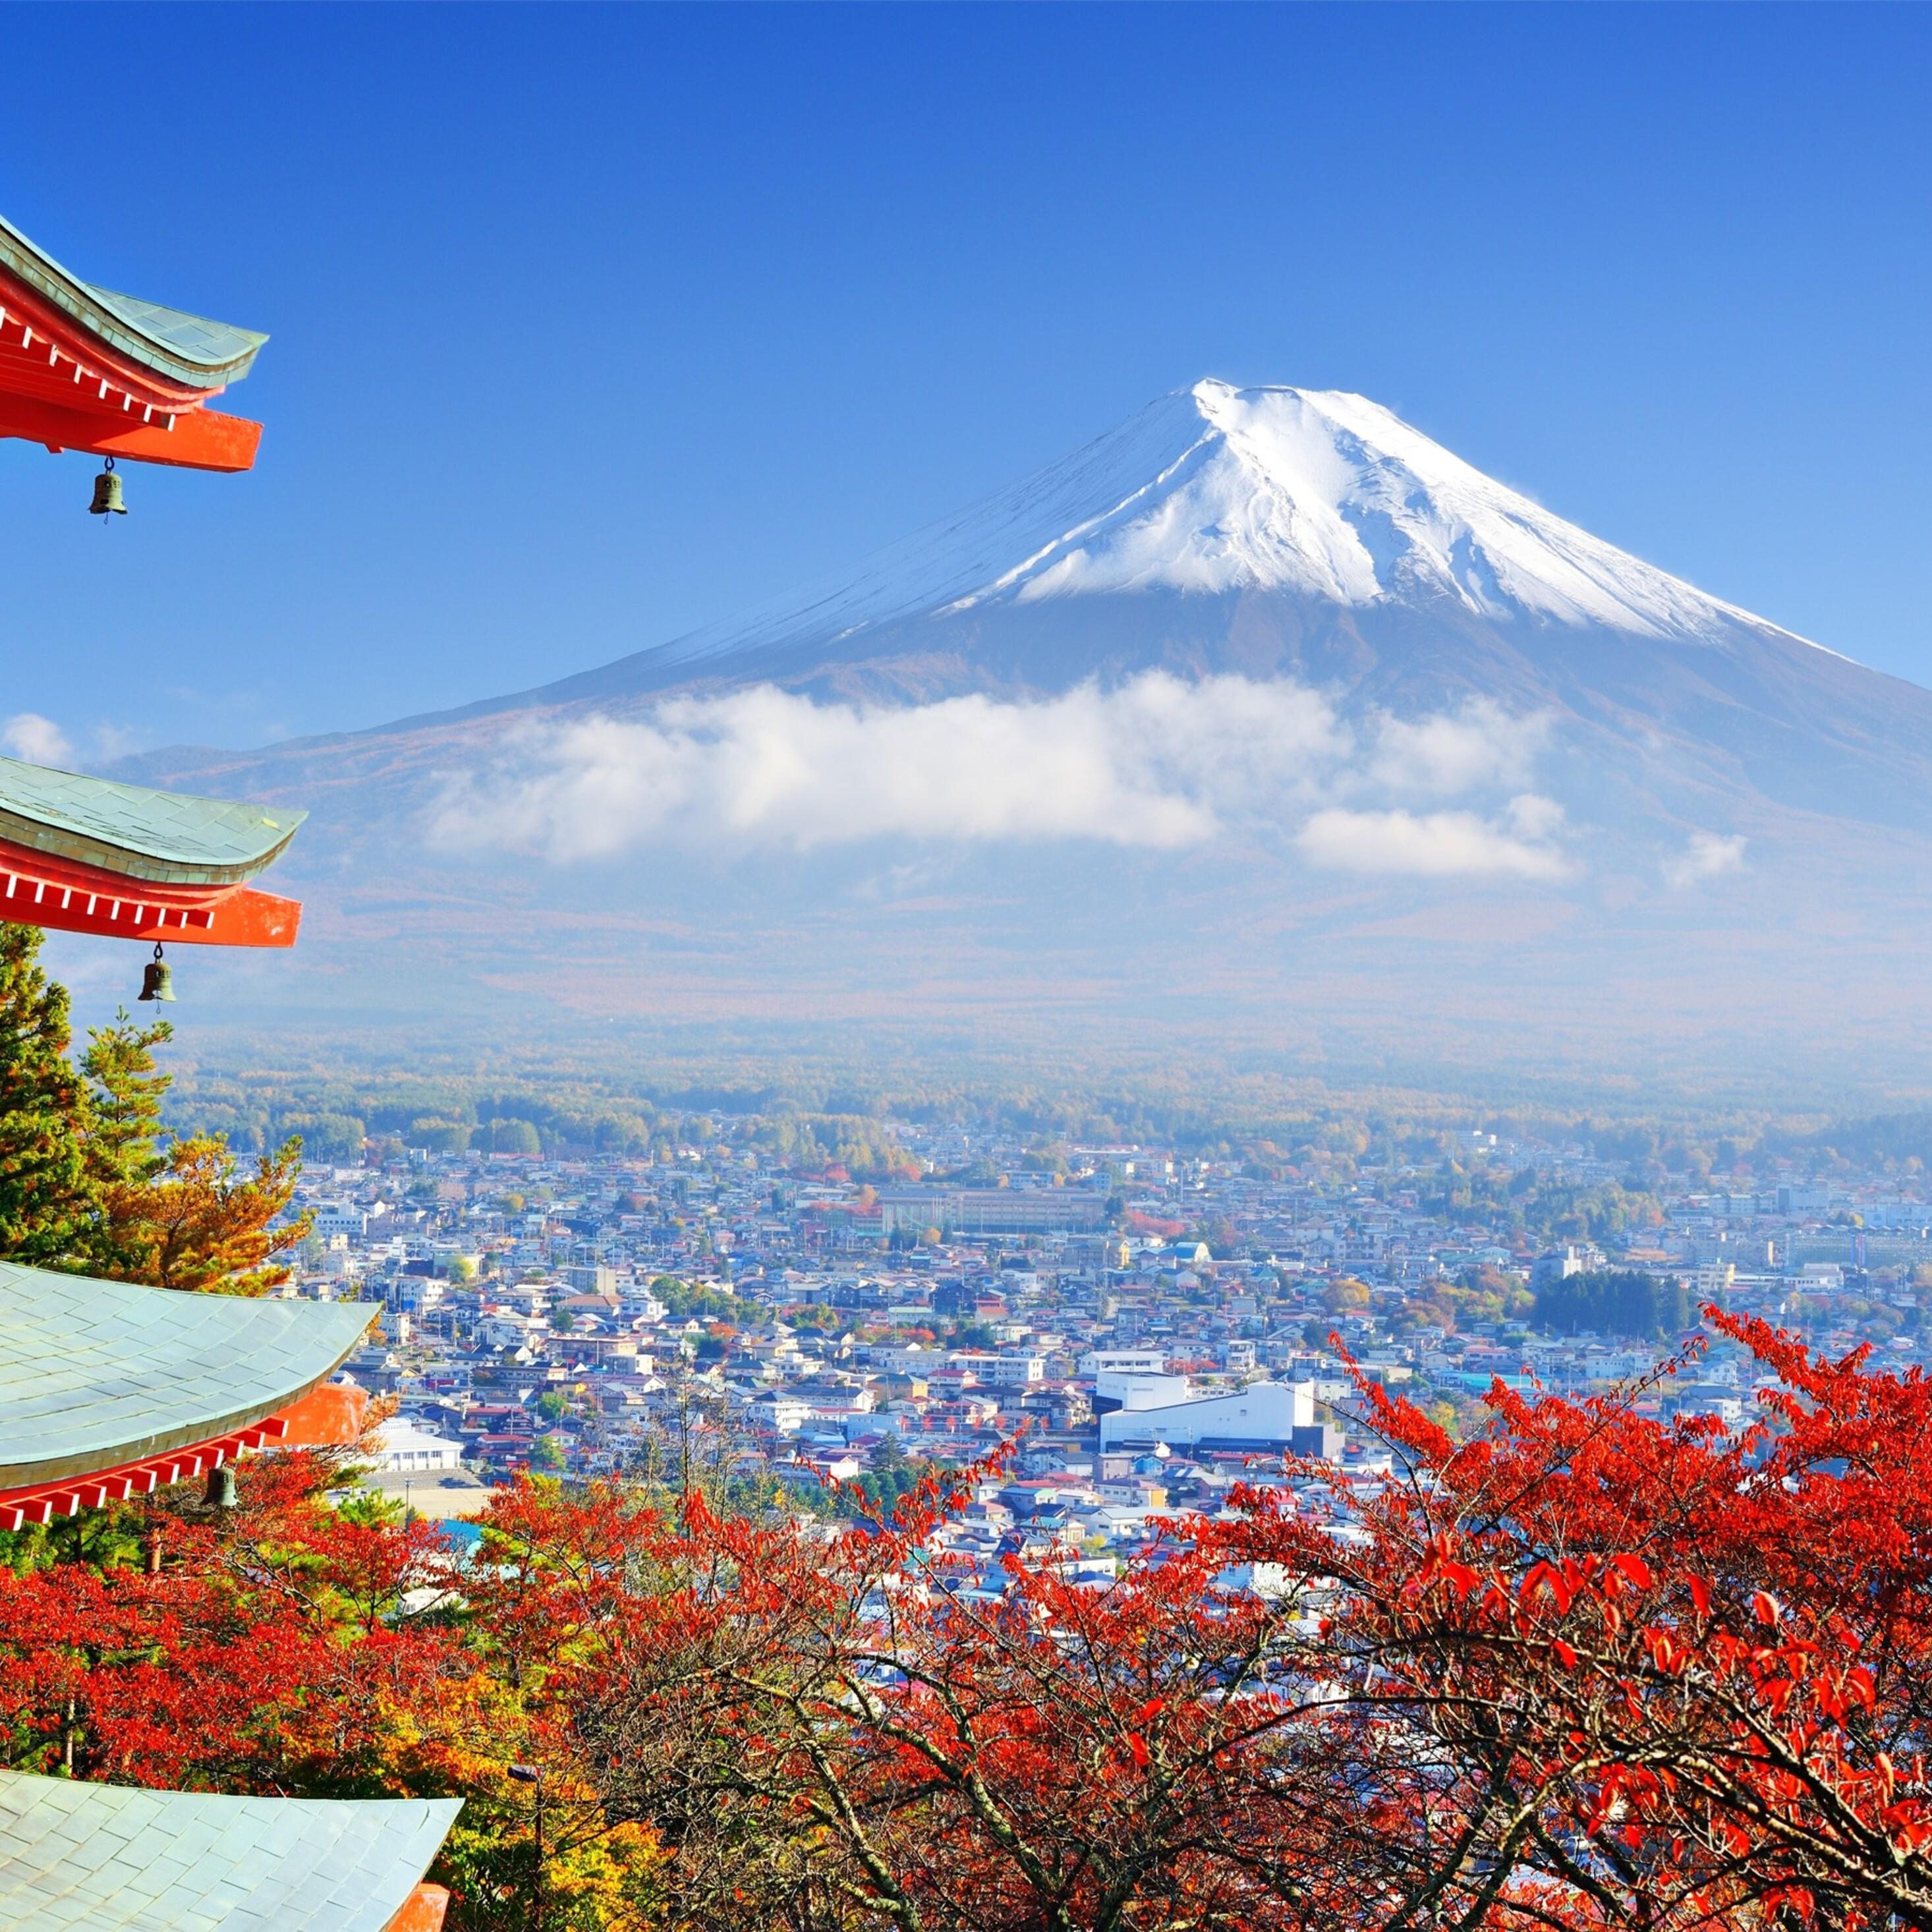 Mount Hd Wallpaper: 2932x2932 Mount Fuji Mountain Ipad Pro Retina Display HD